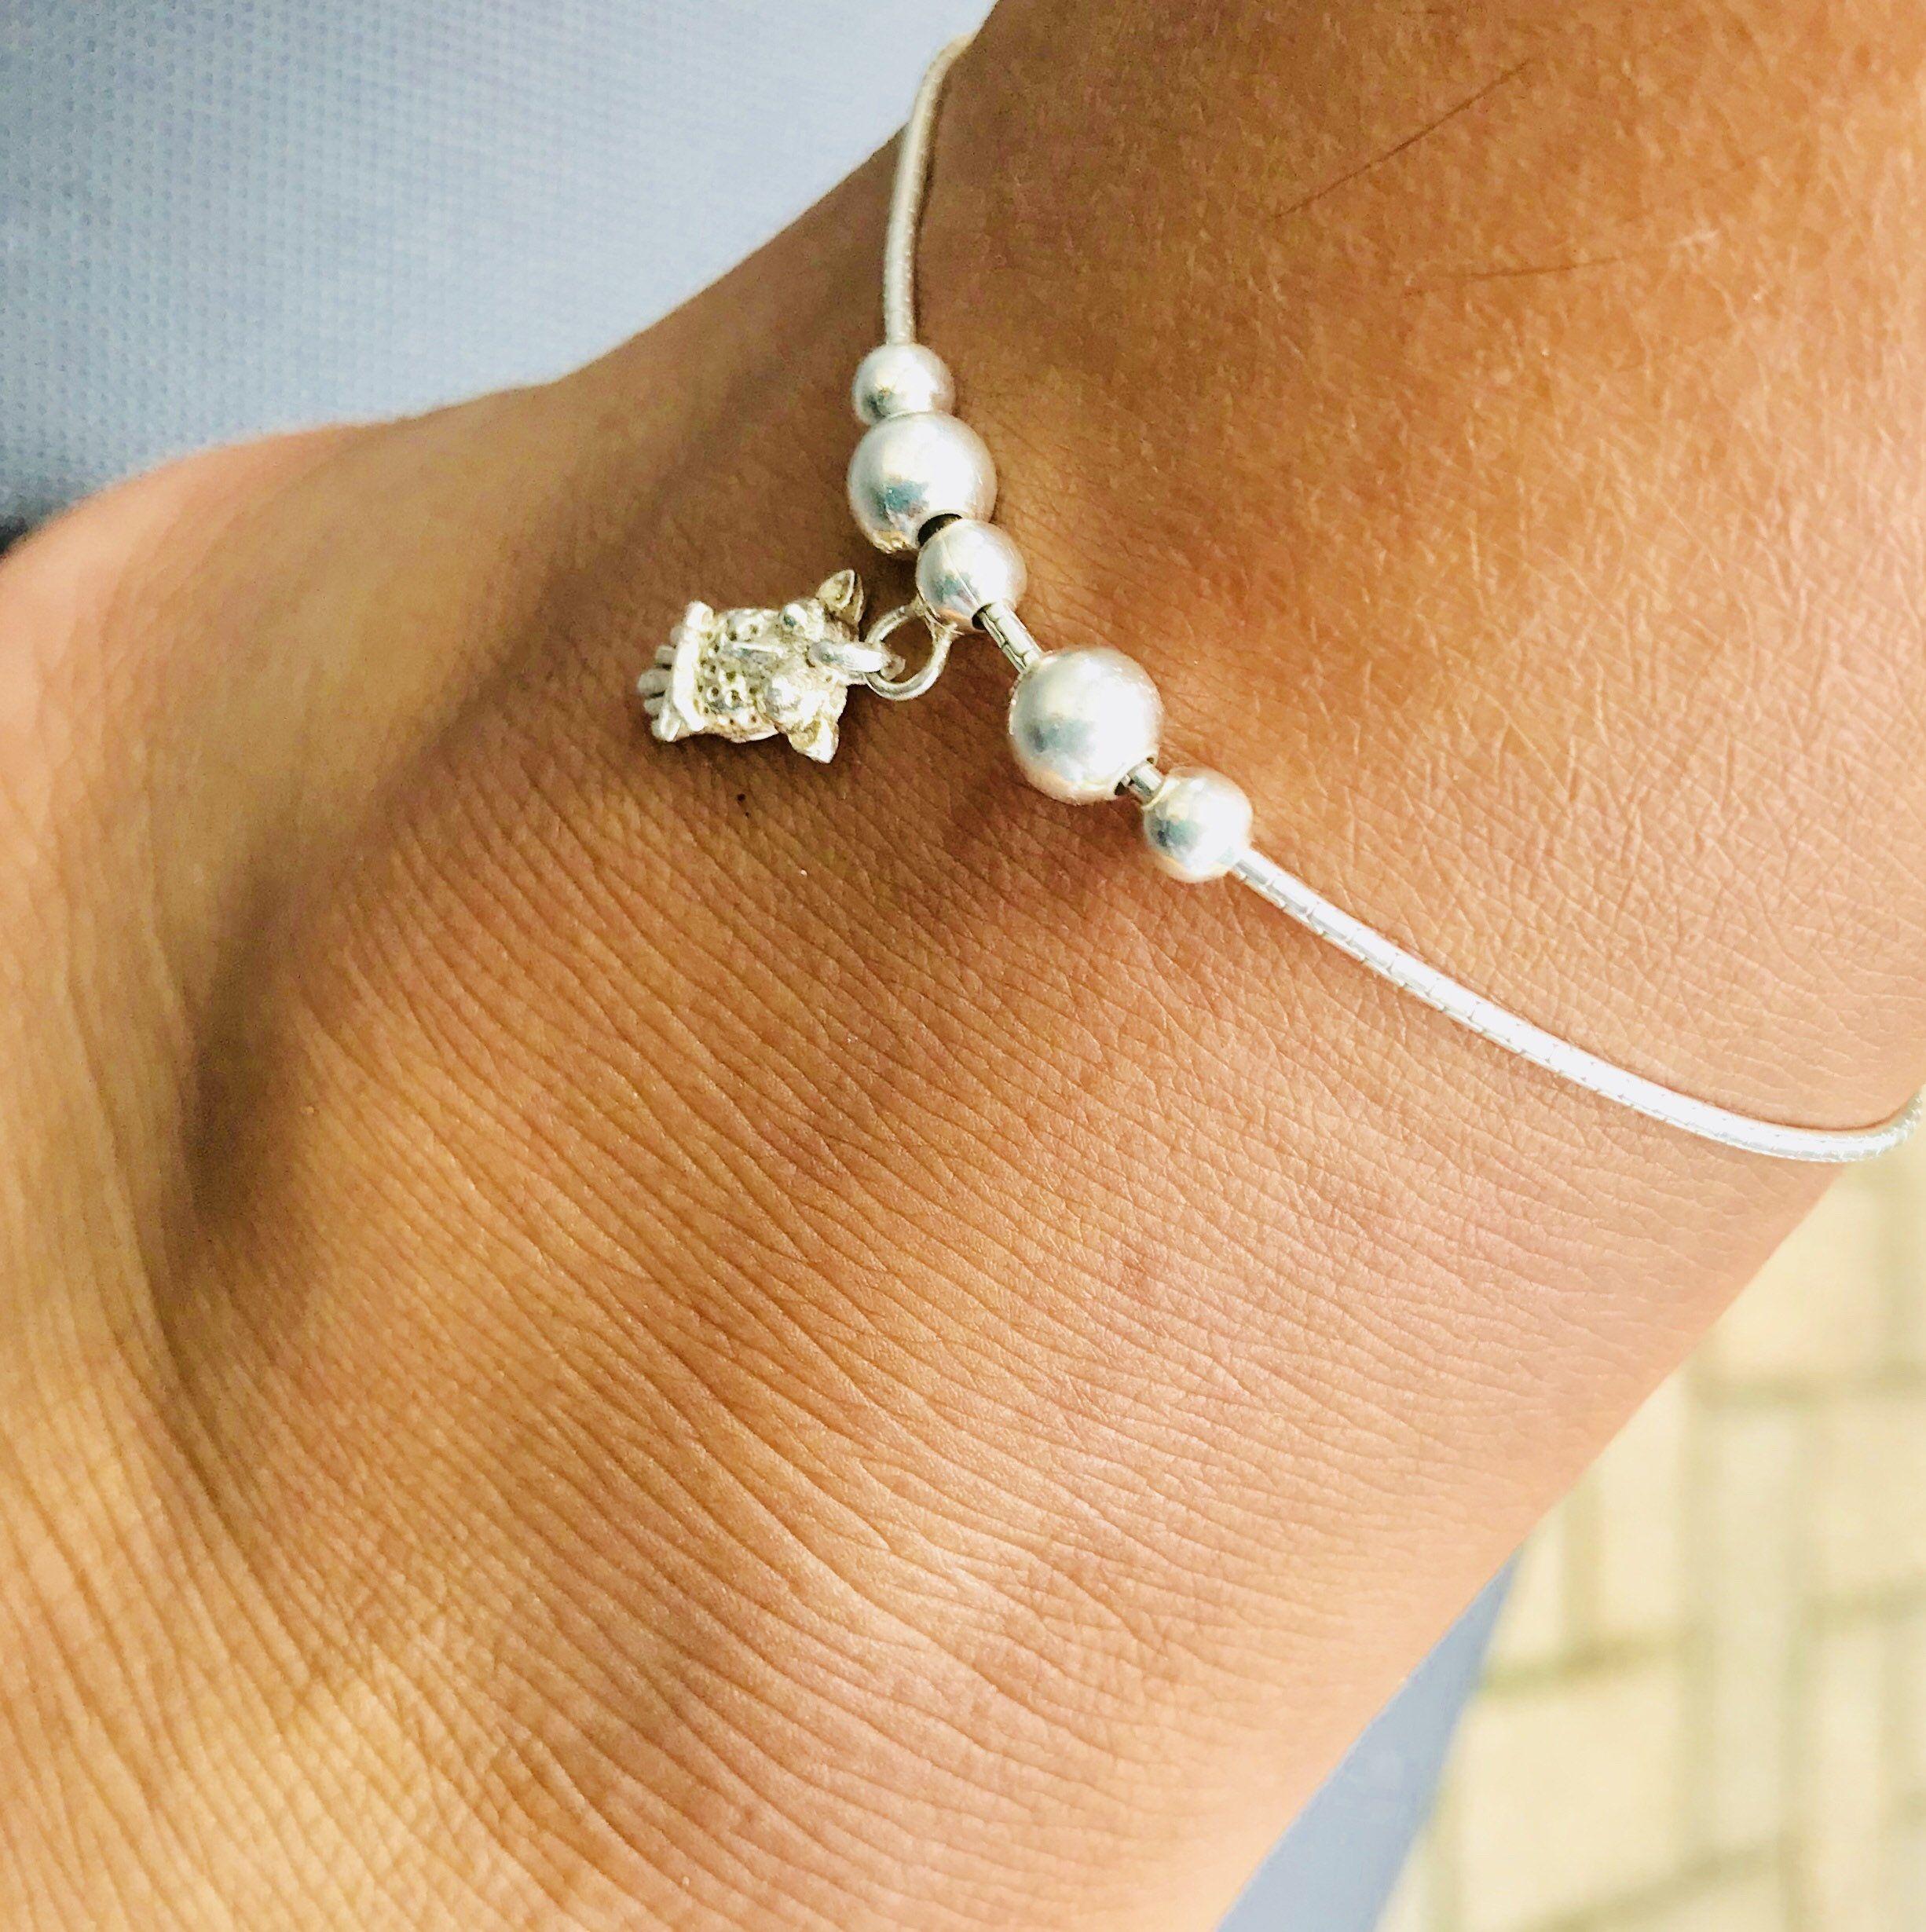 Extra10 Sterling Silver Anklet Bracelet 925 Owl Charm